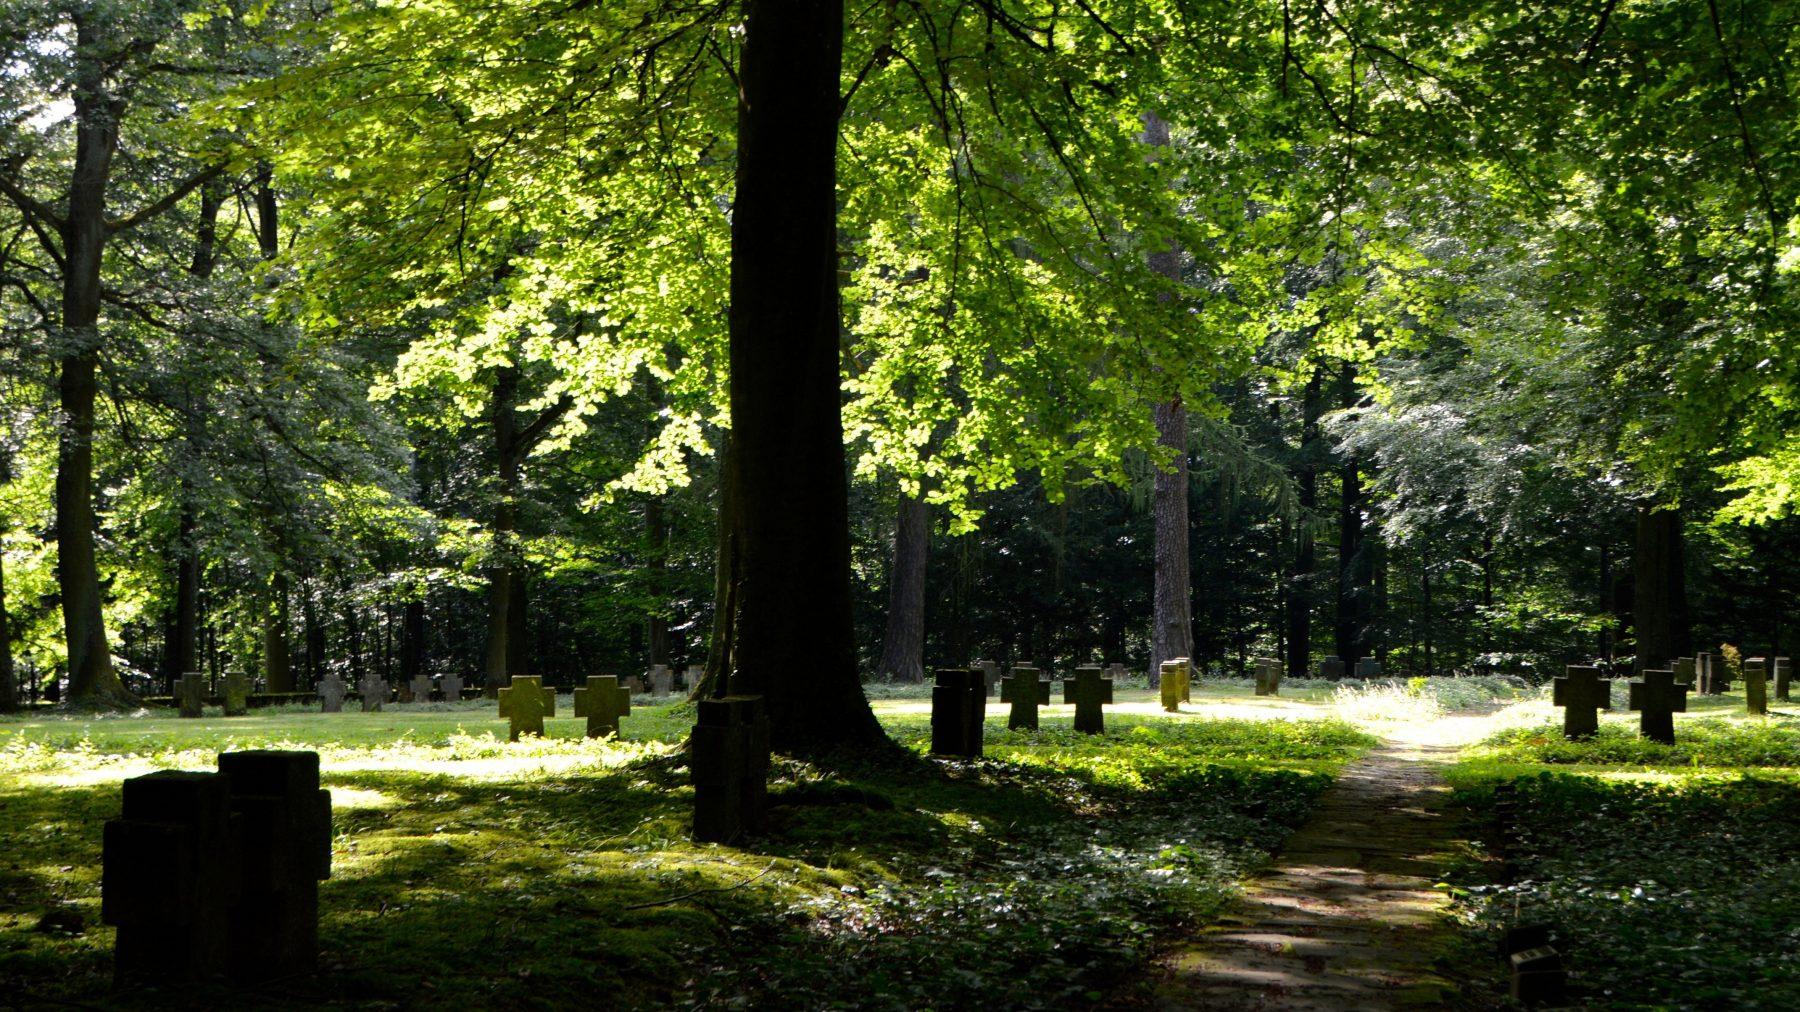 Groen de grond in: x ecologisch verantwoorde opties voor een uitvaart